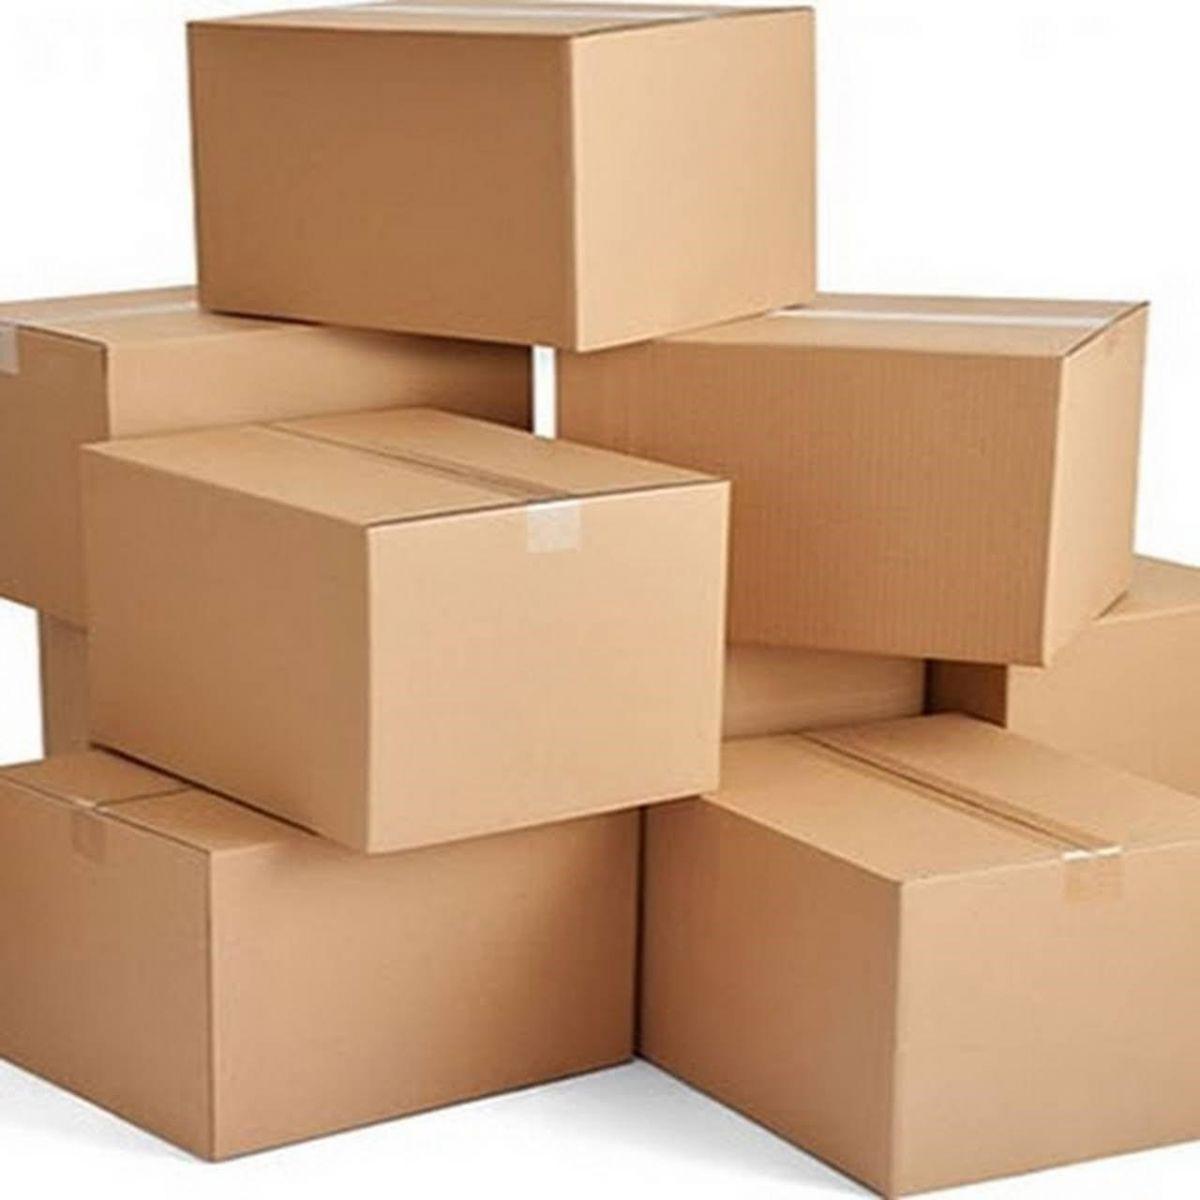 Hộp giấy carton giá rẻ, đảm bảo chất lượng